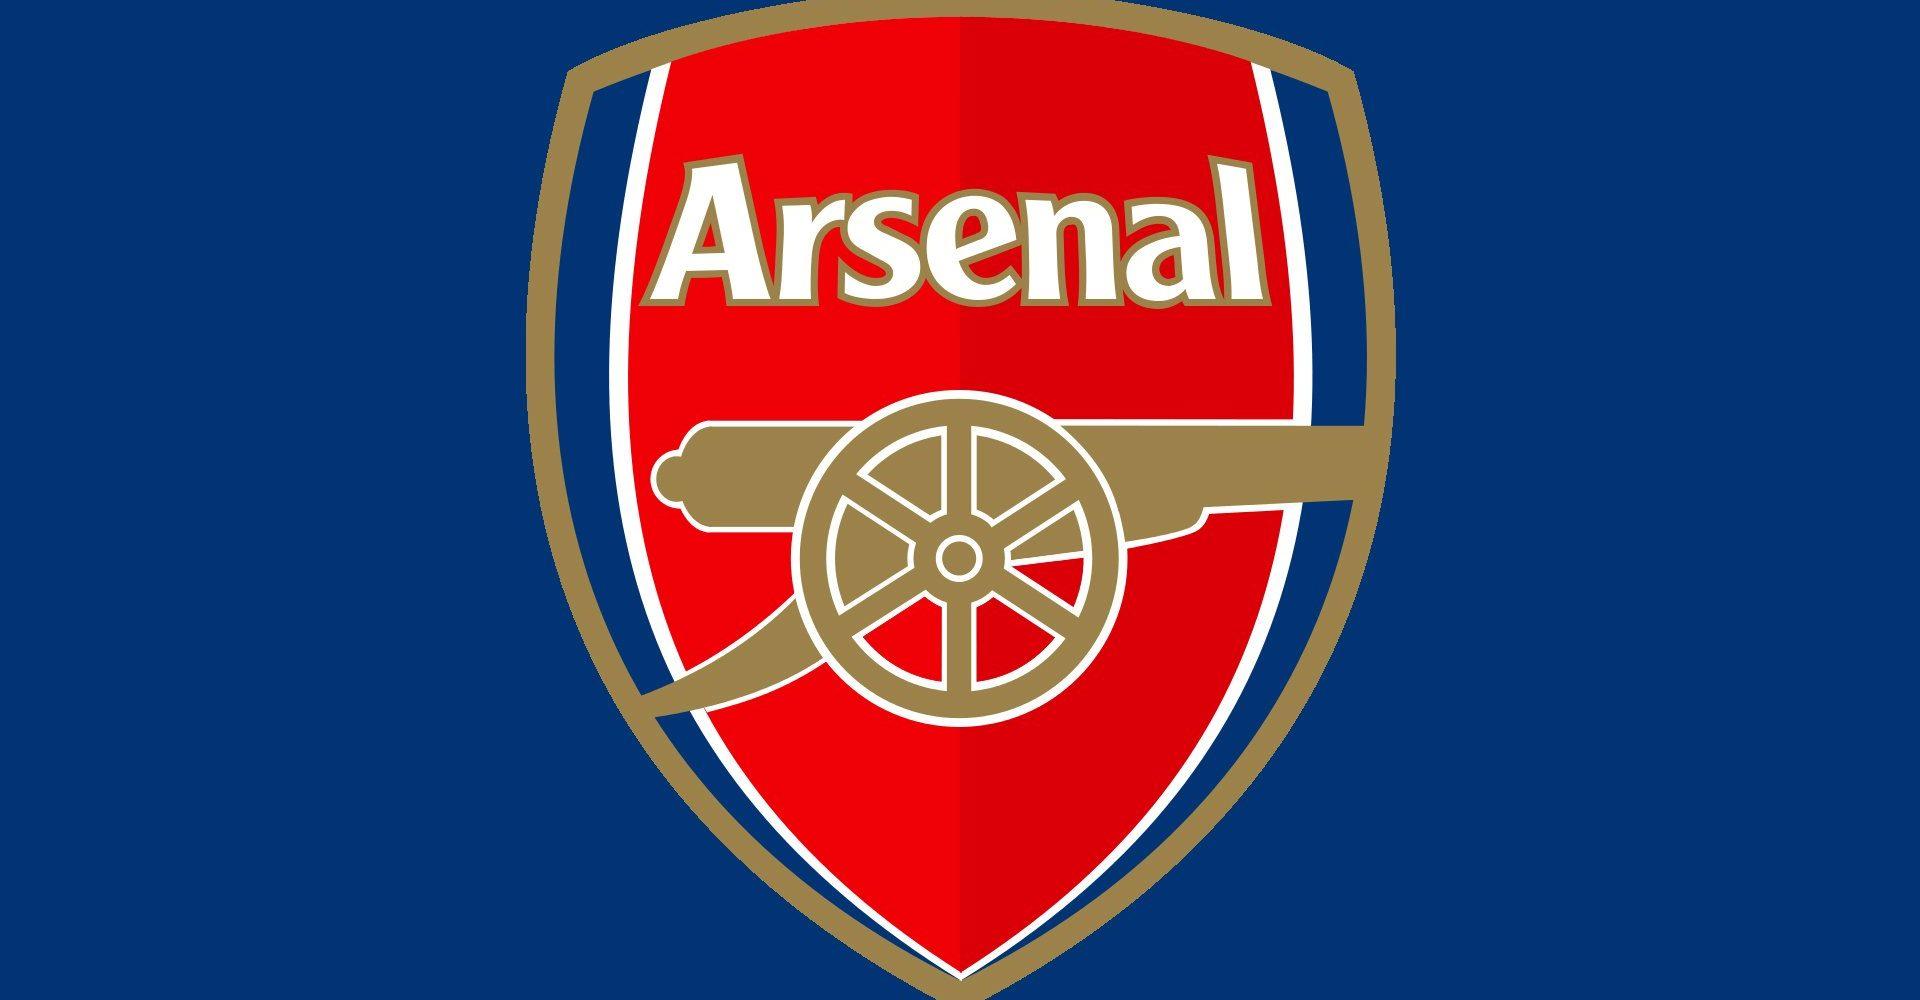 Arsenal demands 8 million euros for 19-year-old Nigerian striker